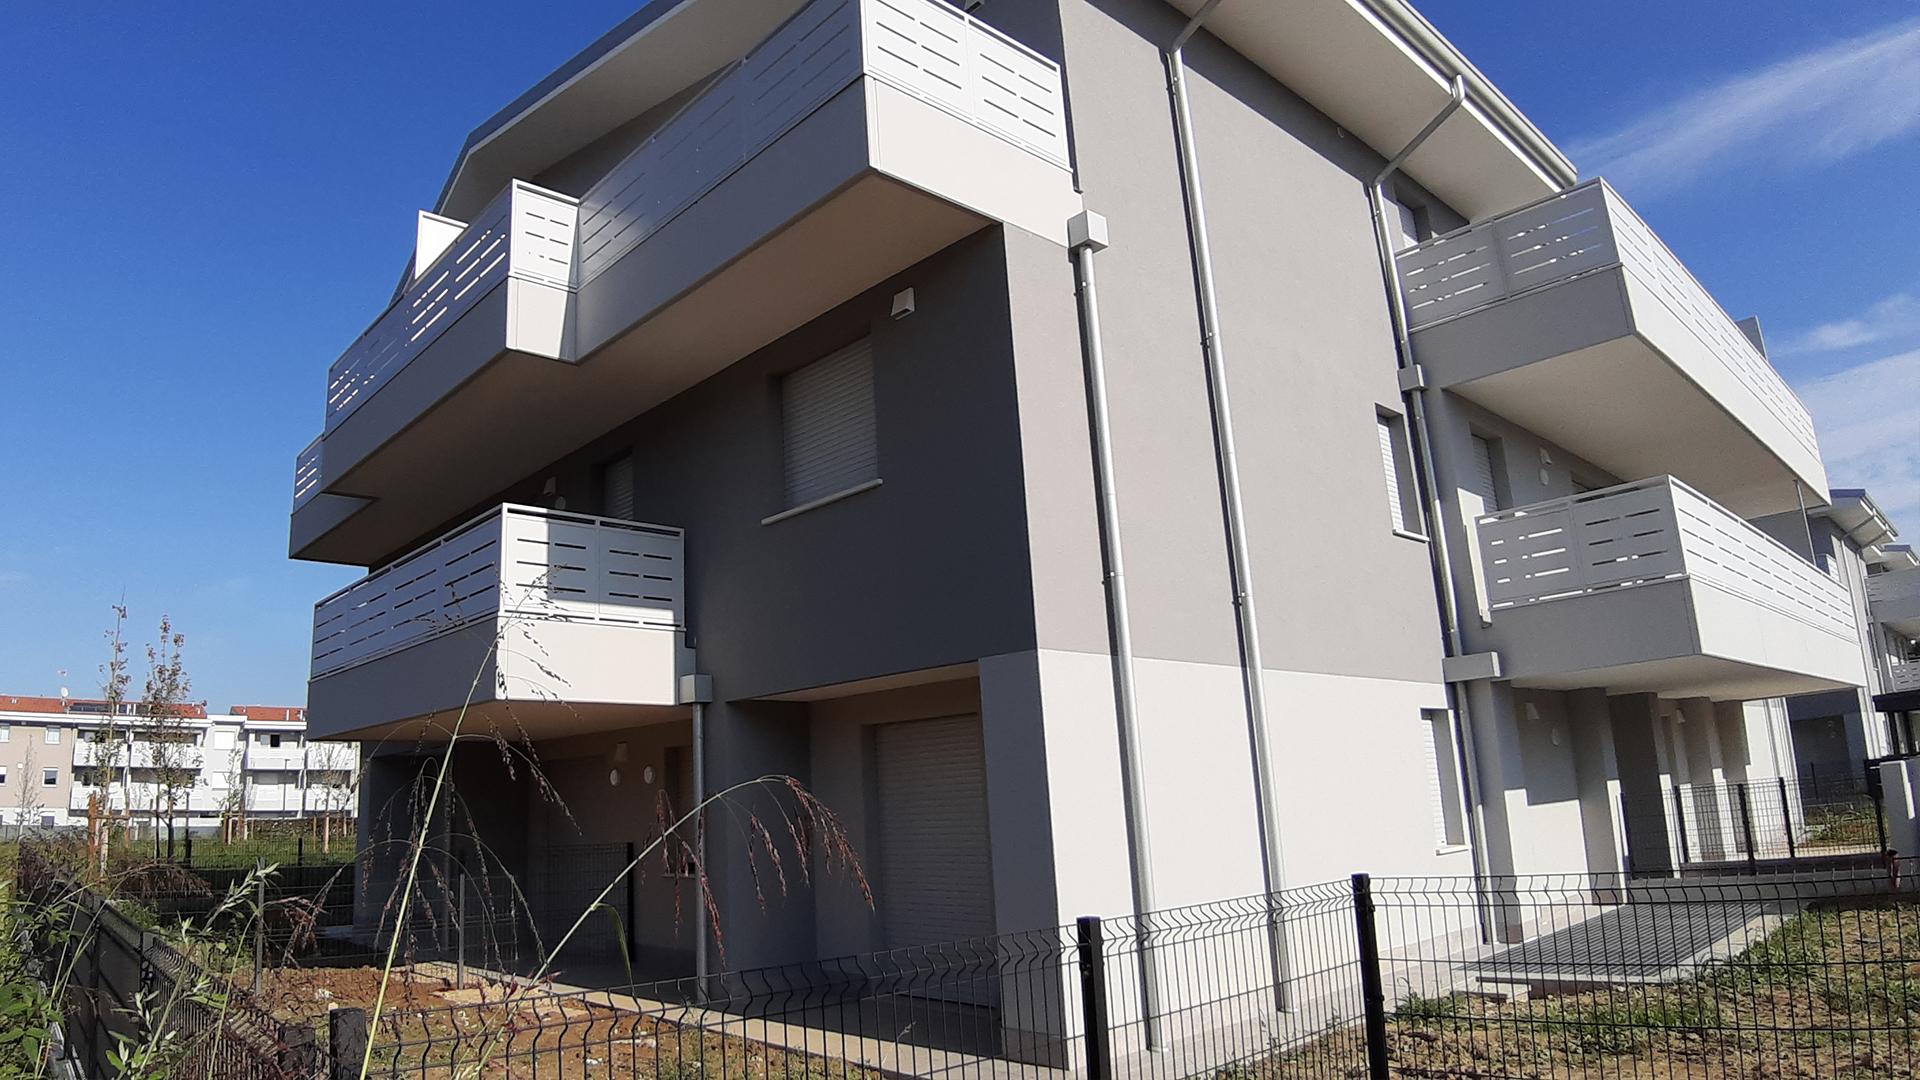 altichiero-lotto-7-appartamenti-3